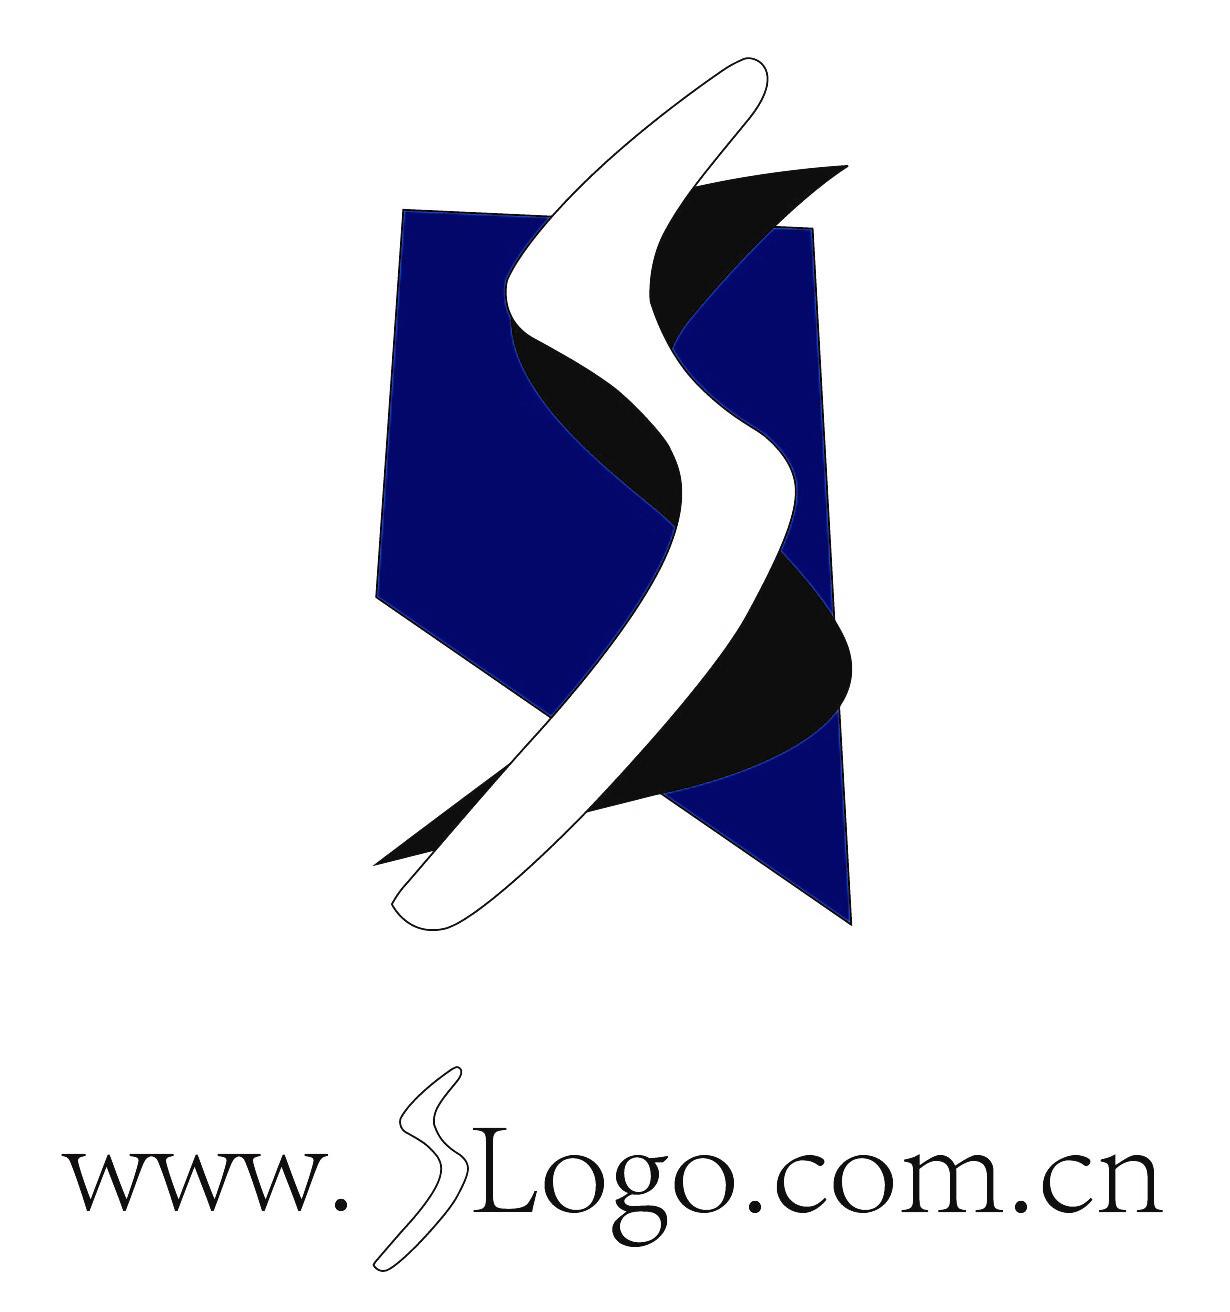 闪电logo设计_3028164_k68威客网